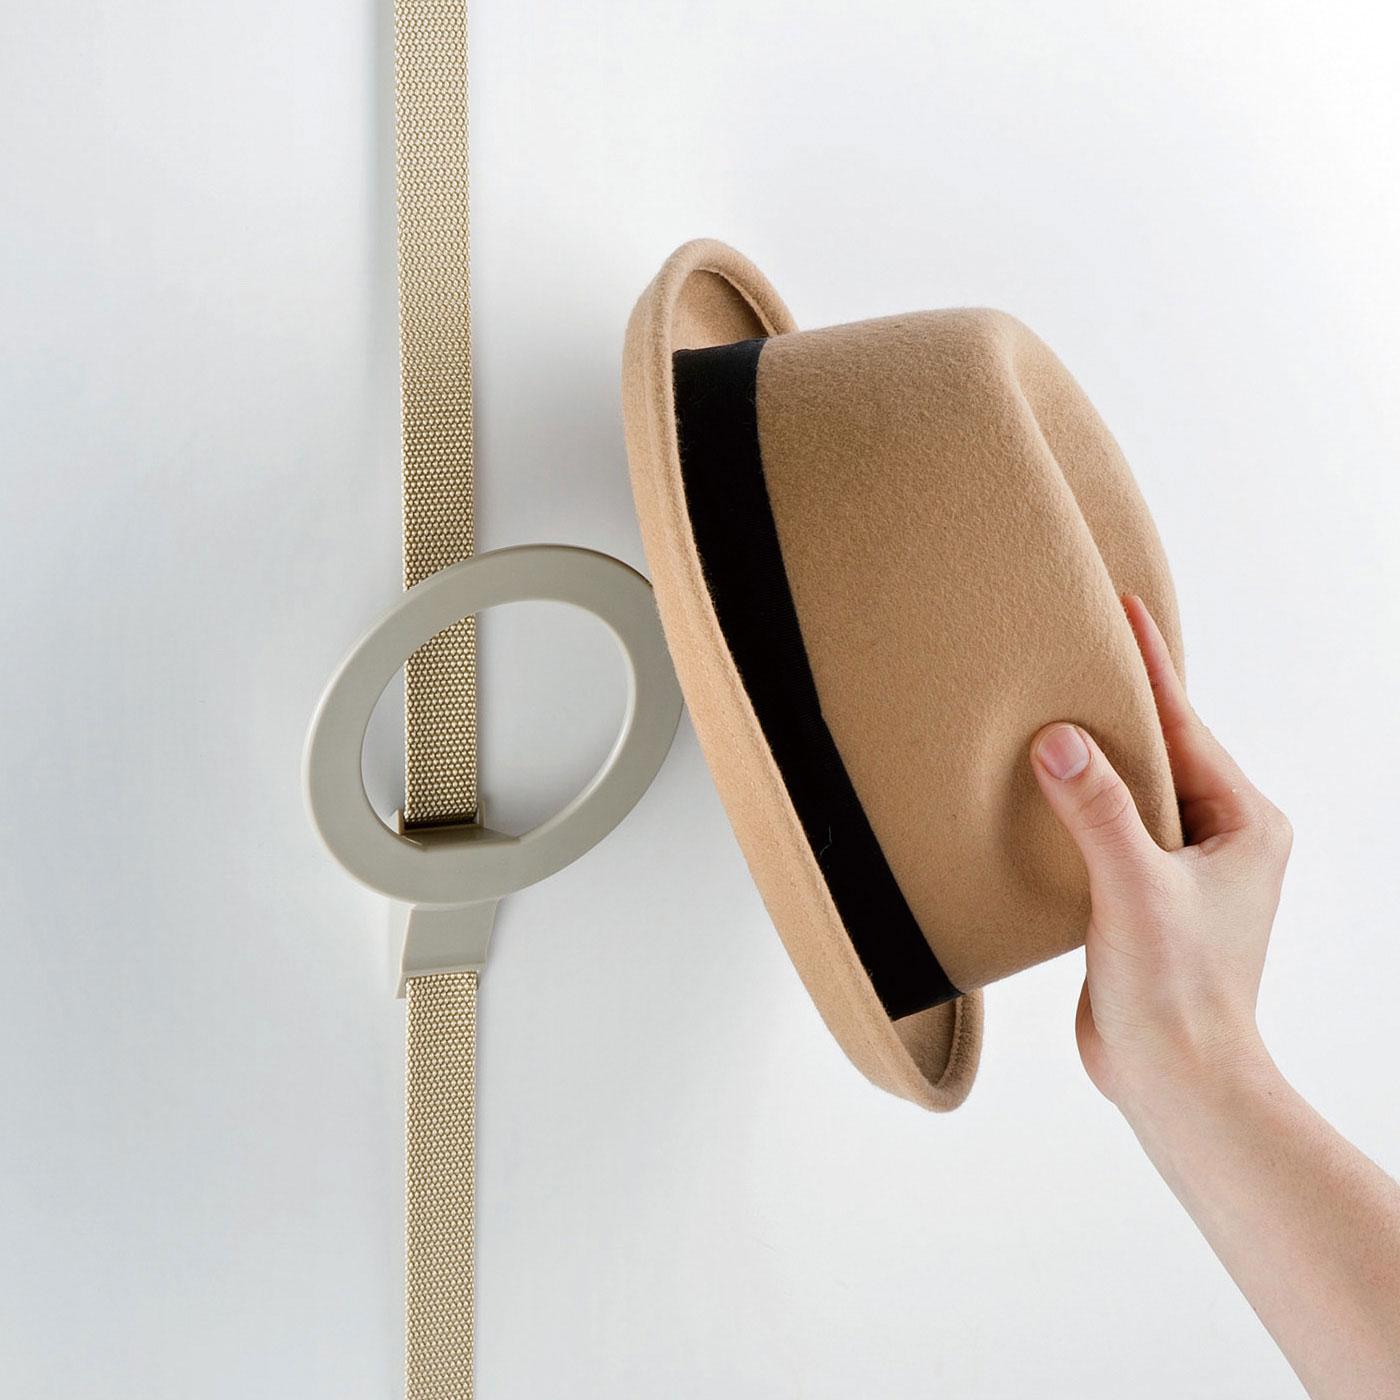 いろいろな形の帽子が掛けやすく落ちにくいリング型。